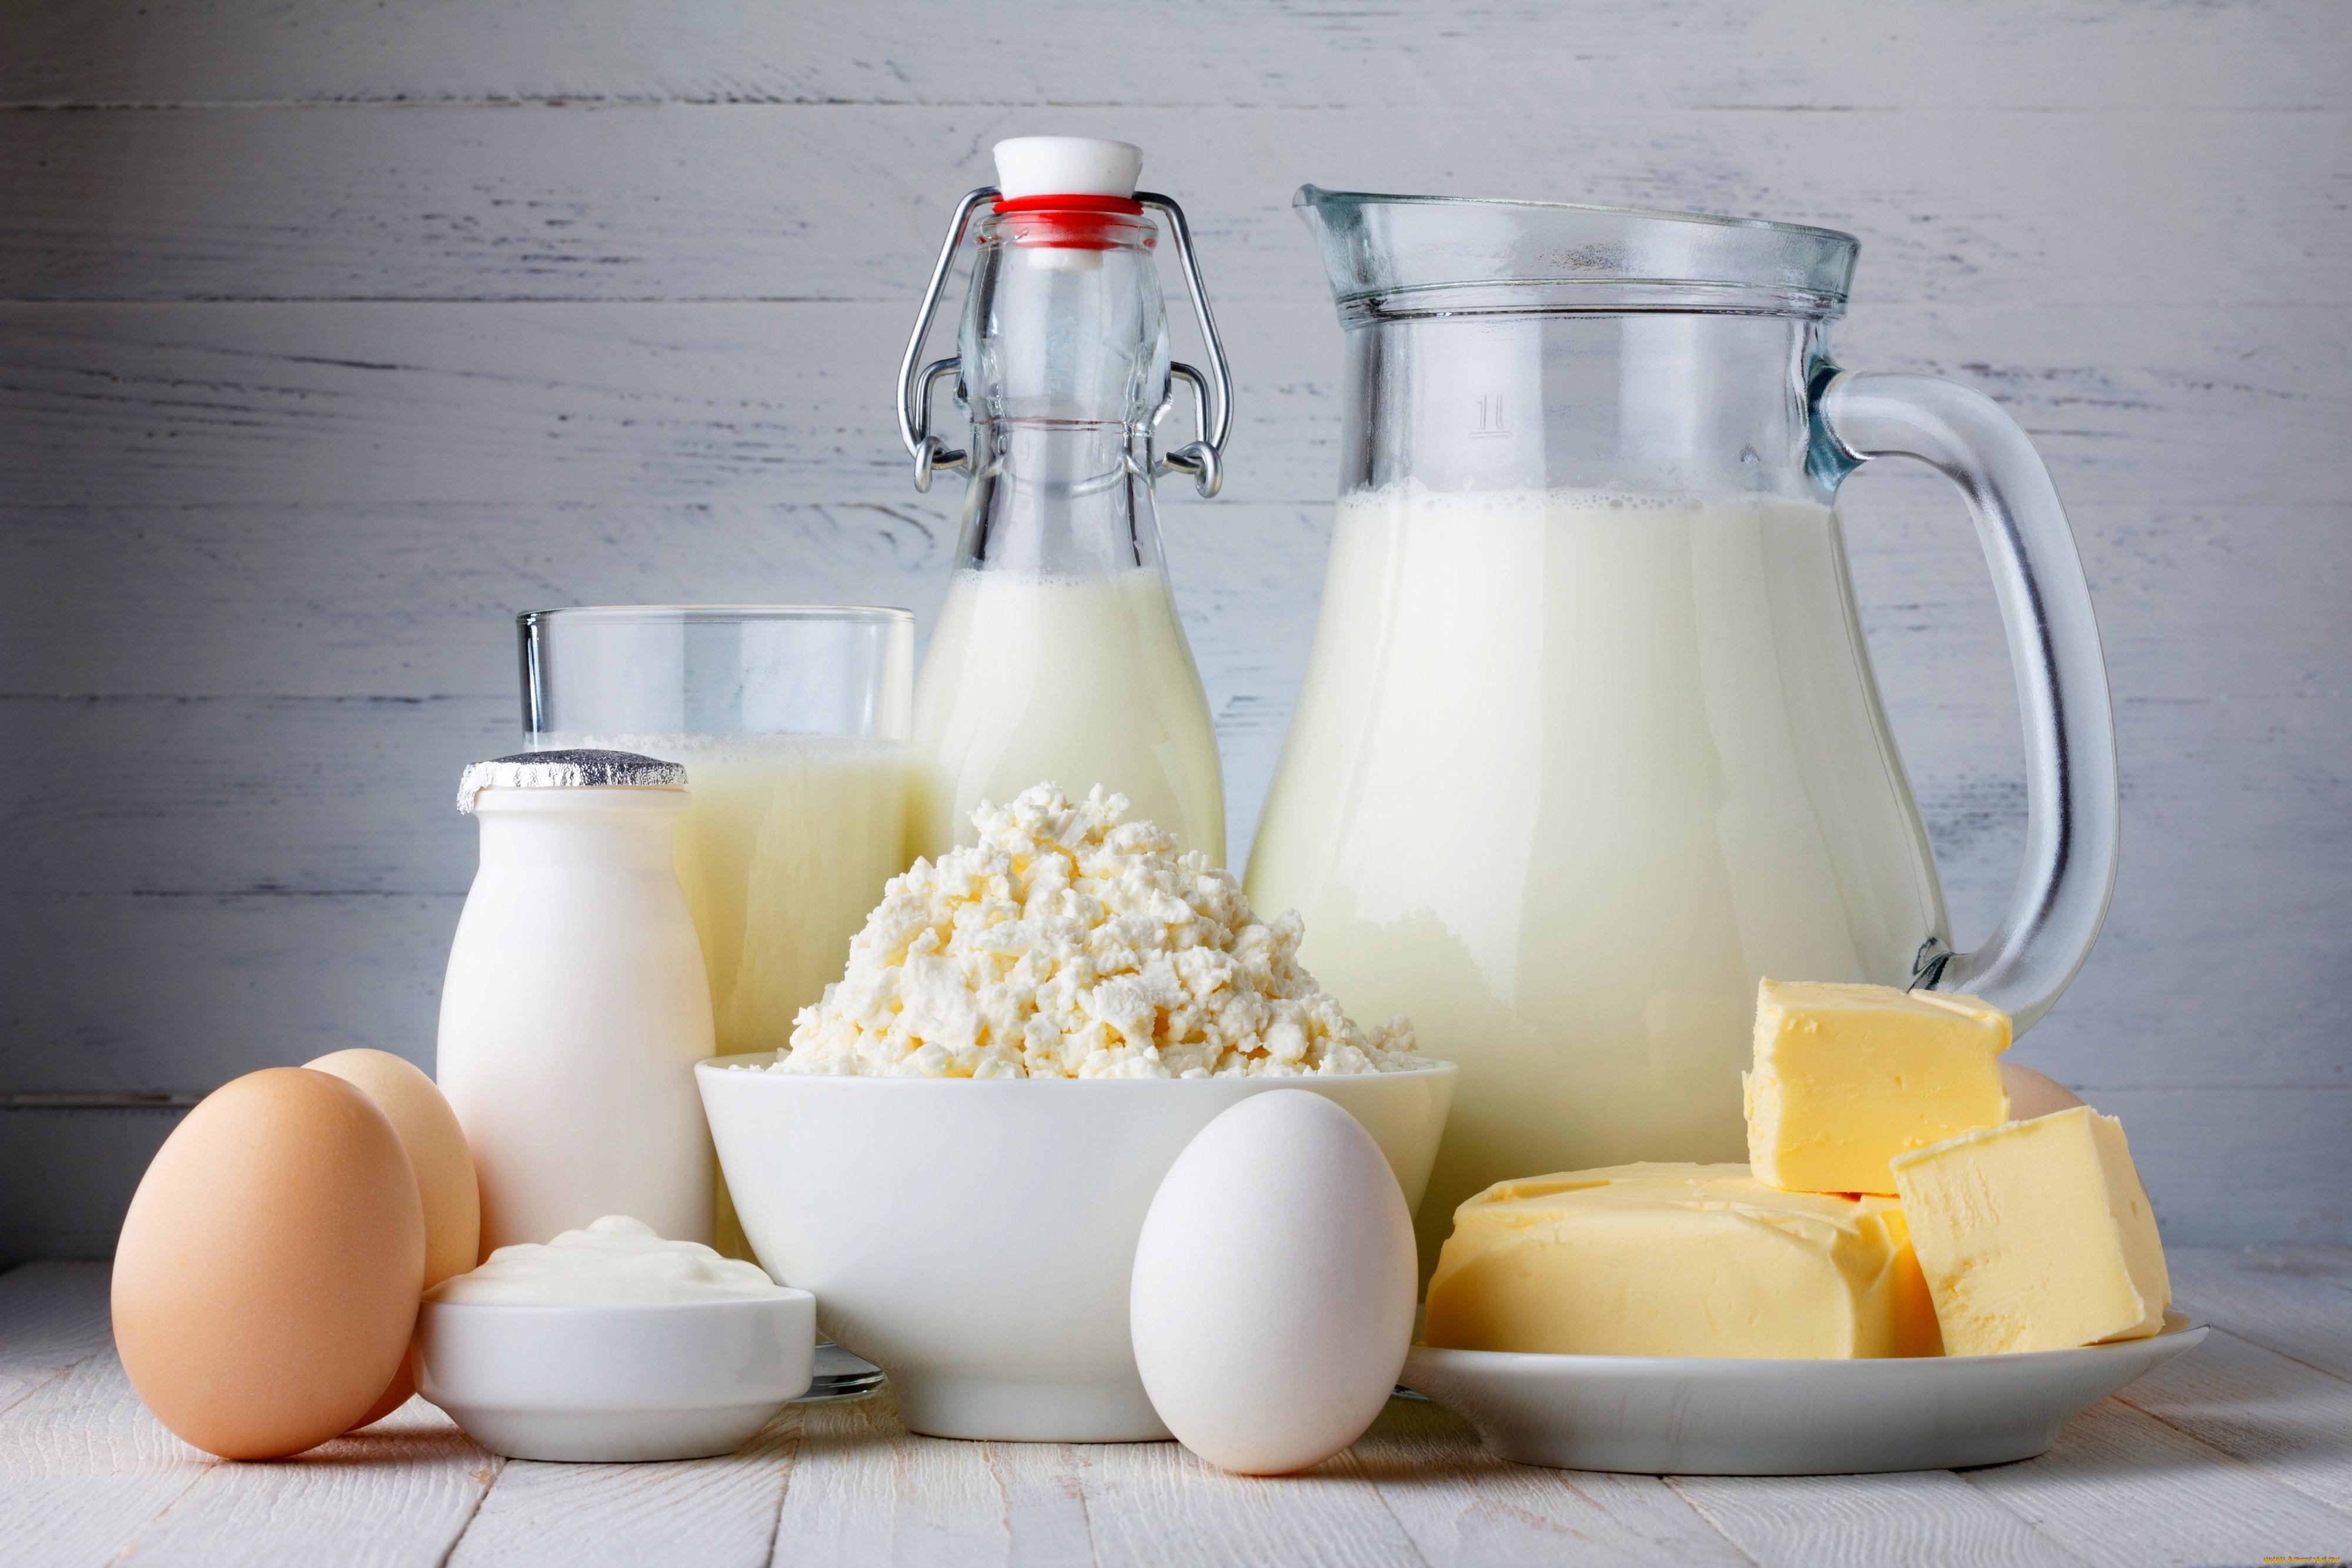 Сбор заказов. Натуральные закваски для кисломолочных продуктов - здоровье для всей семьи. Выкуп 5